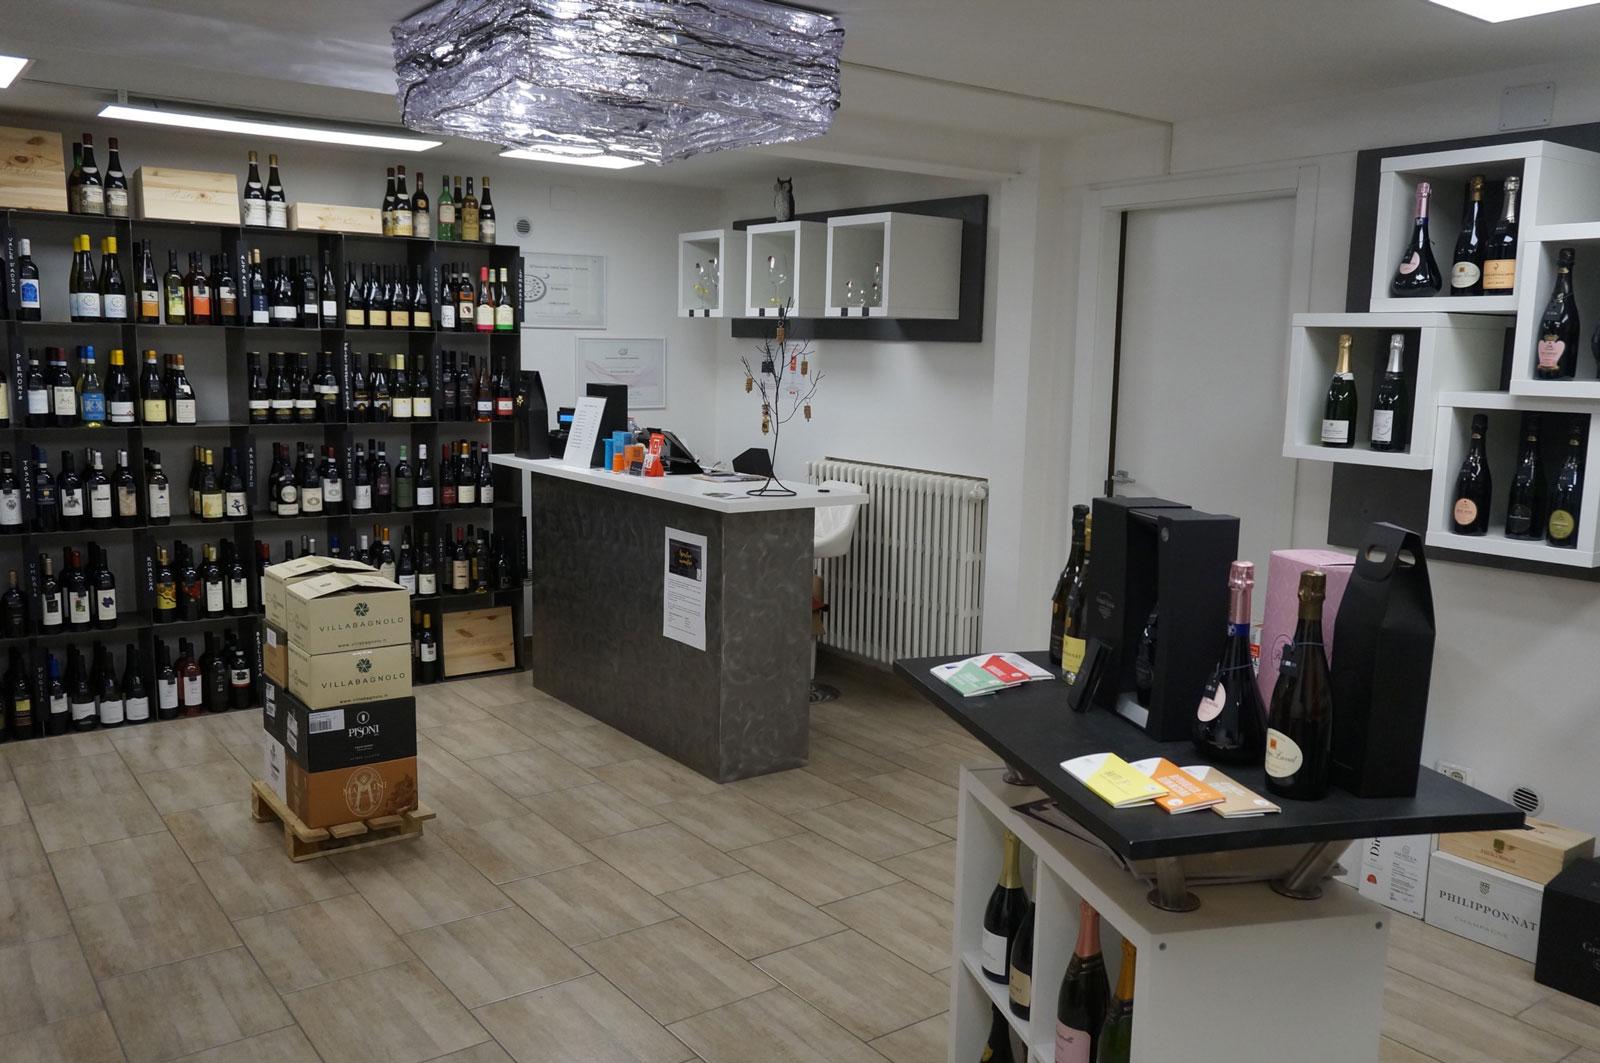 Interno e cassa dell'enoteca di vini Botrytis